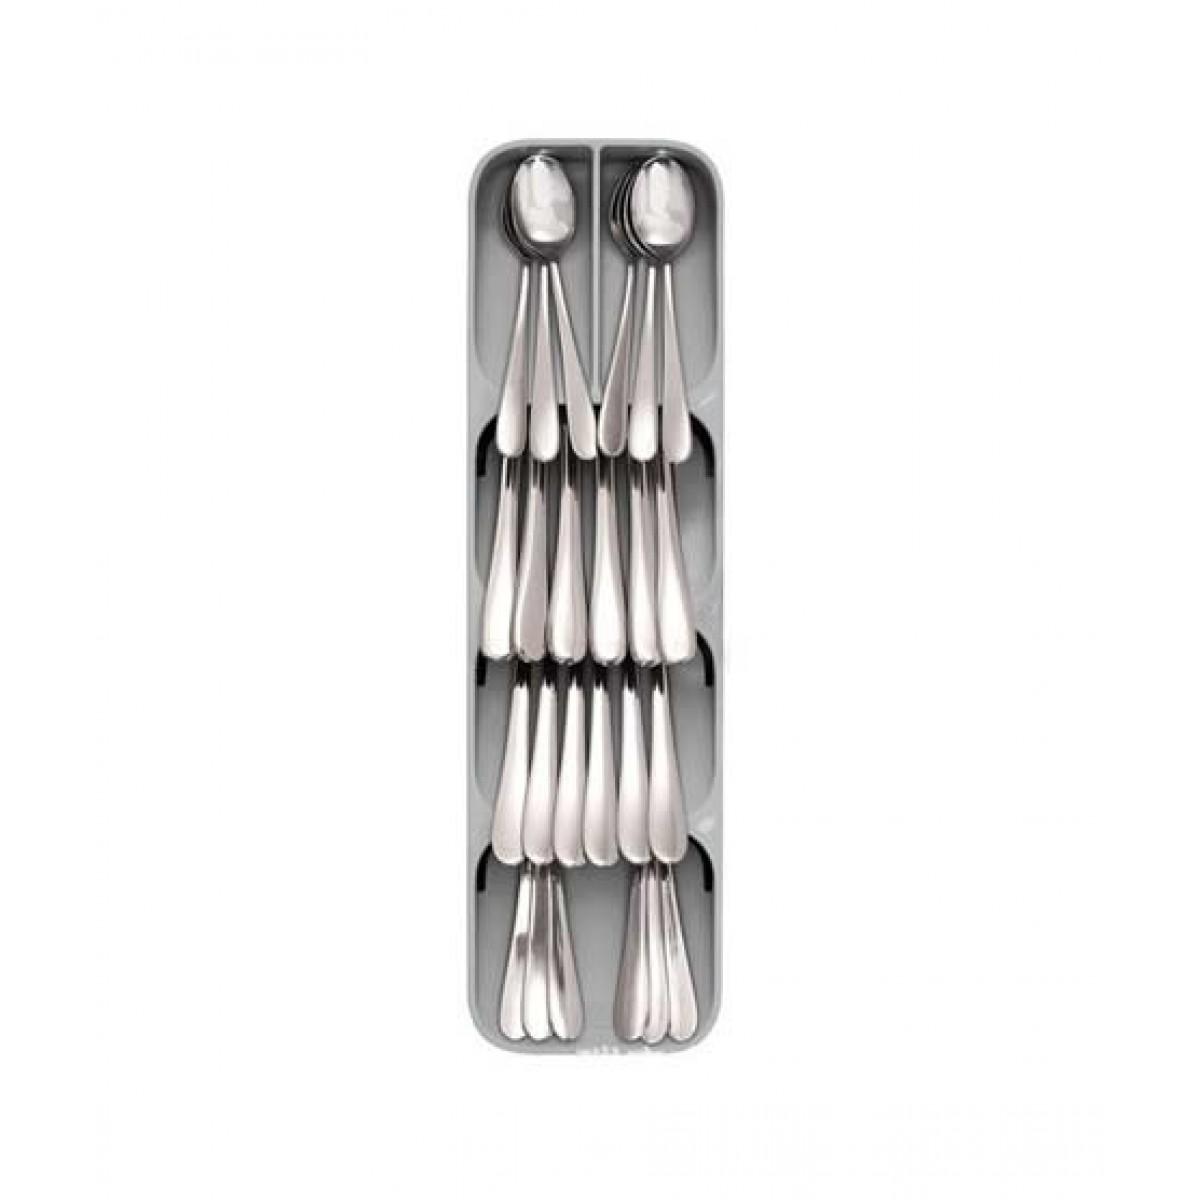 G Mart Drawer Cutlery Organizer Tray